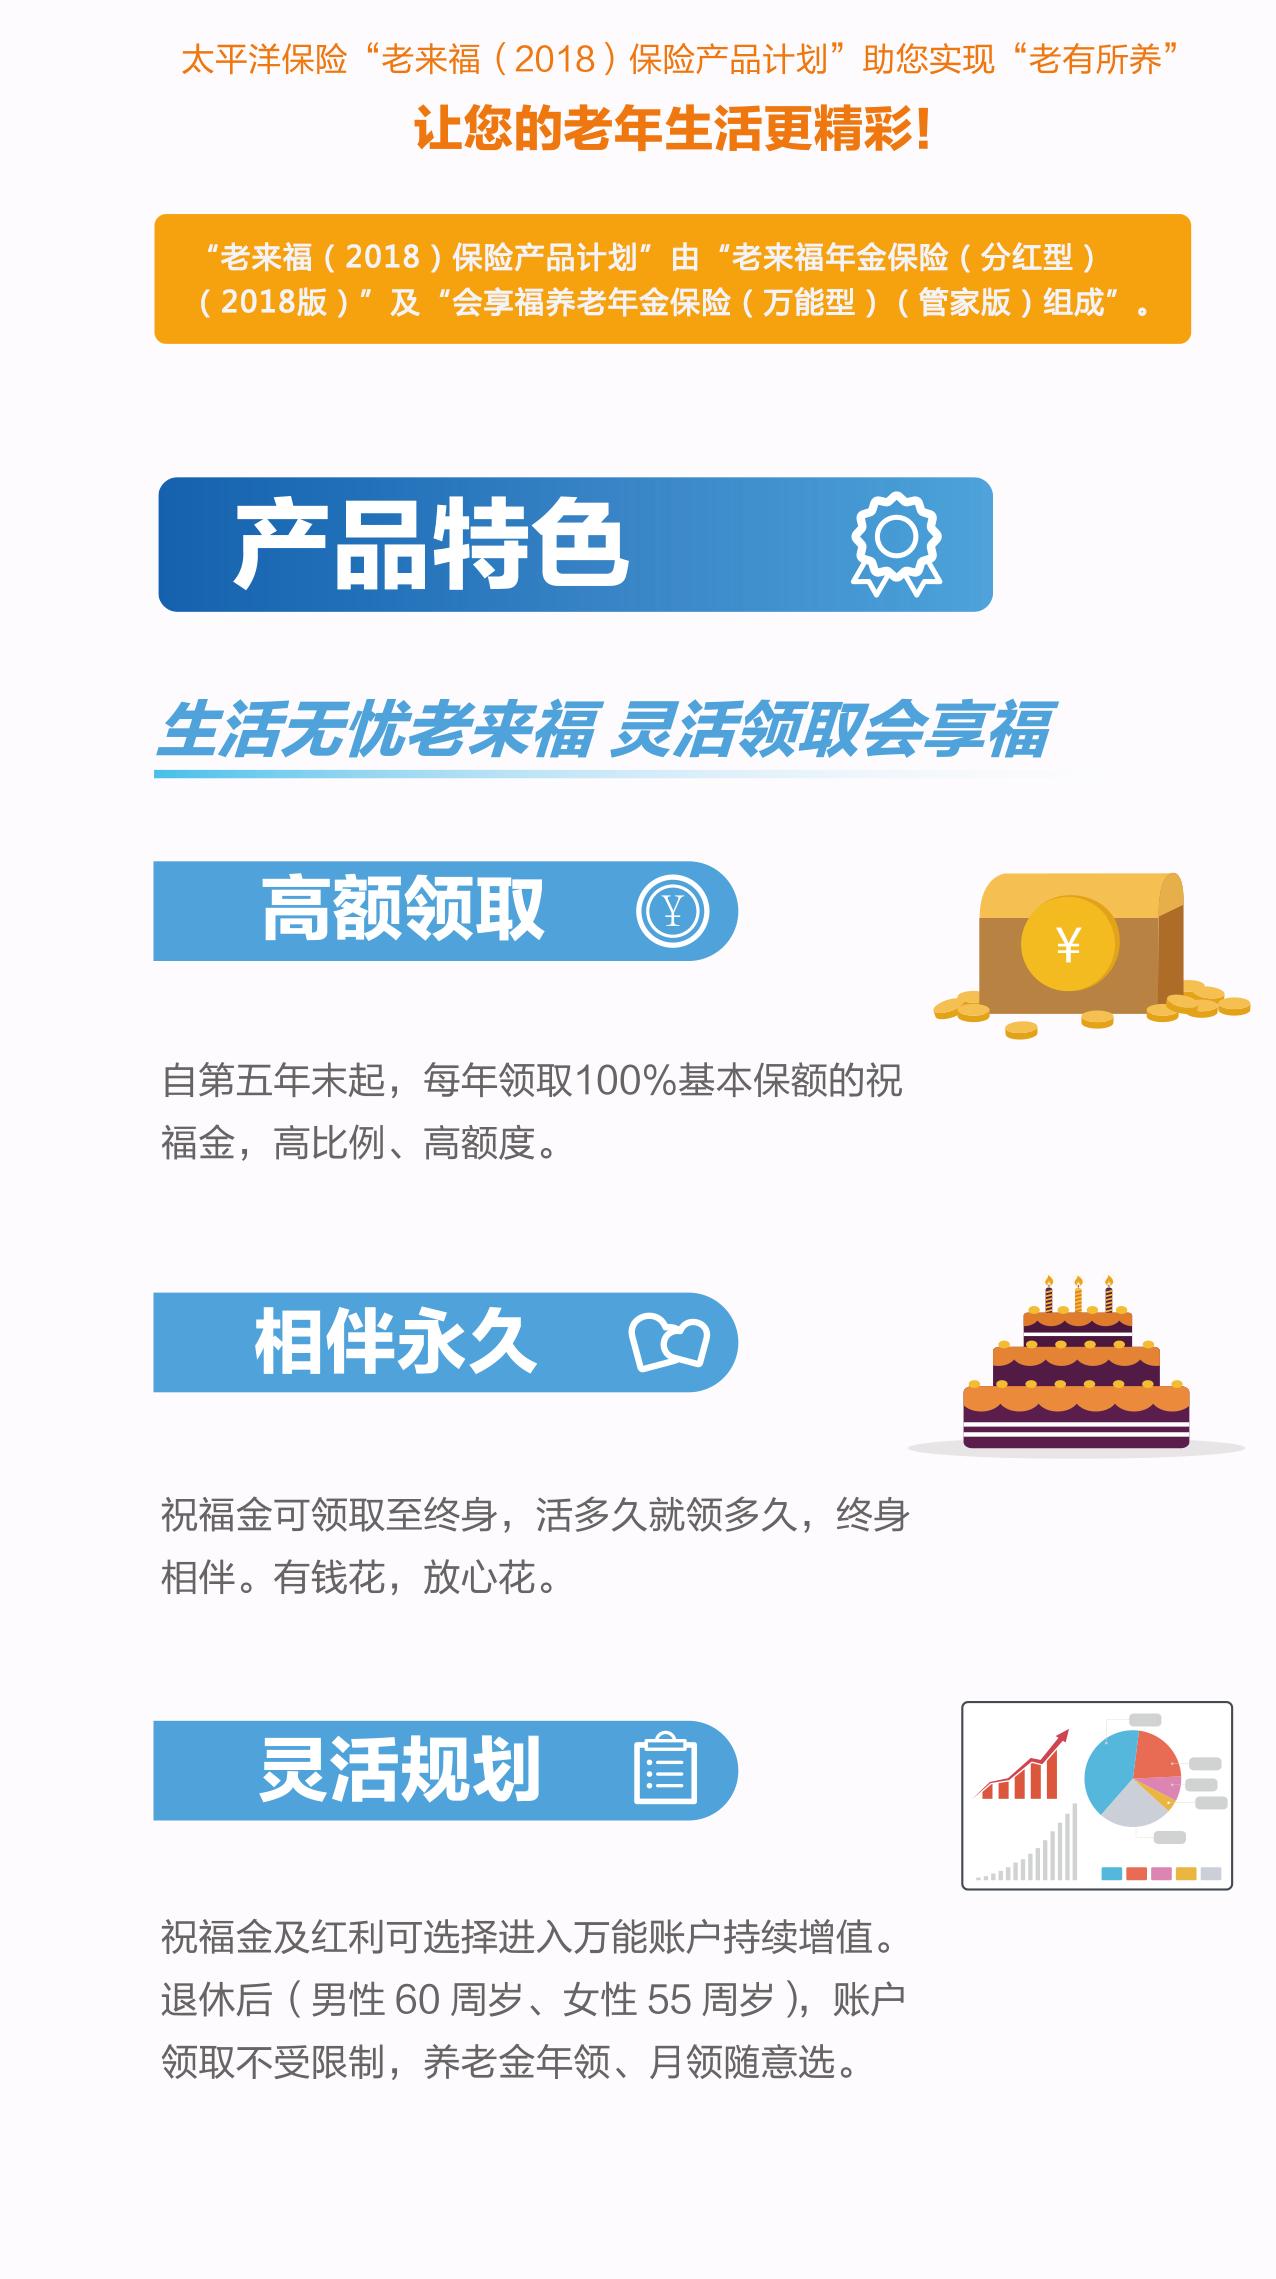 老来福(2018)保险产品计划